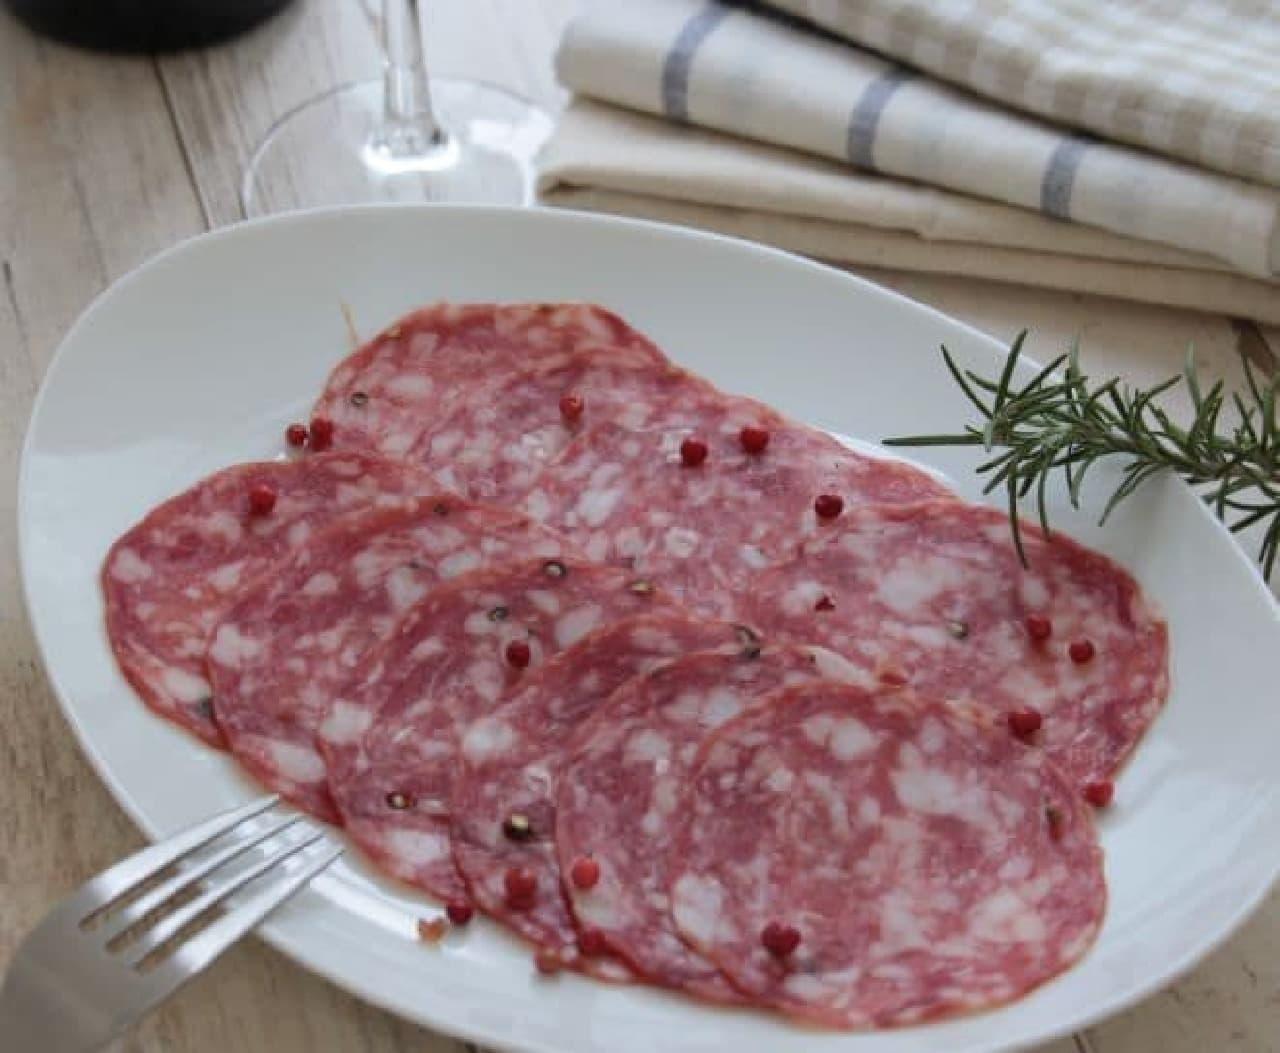 「ナポリサラミスライス」は、乳酸菌発酵の南イタリアサラミ